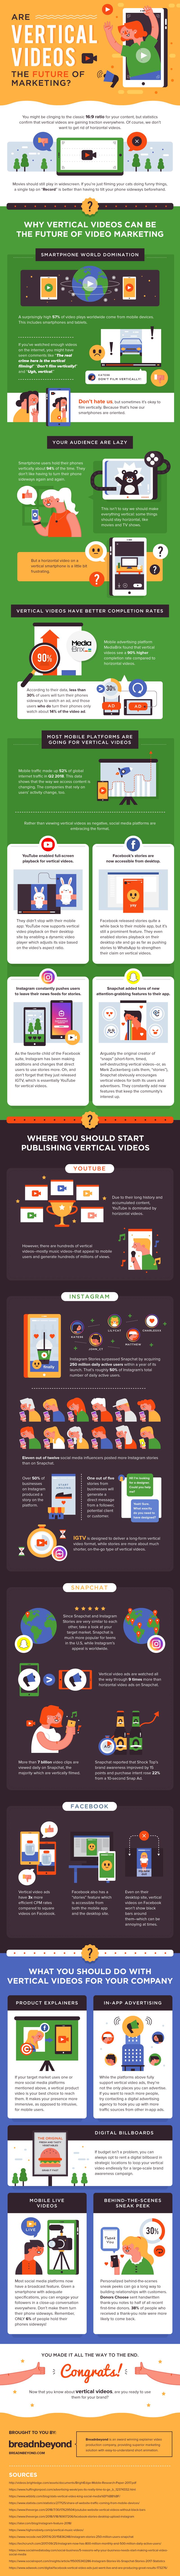 La guida definitiva ai video verticali per il marketing